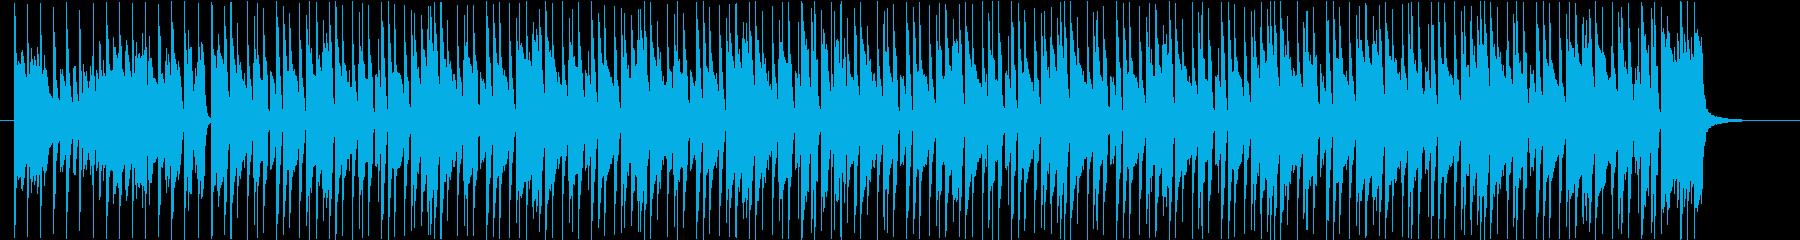 シンプルでかっこいいピアノポップスの再生済みの波形